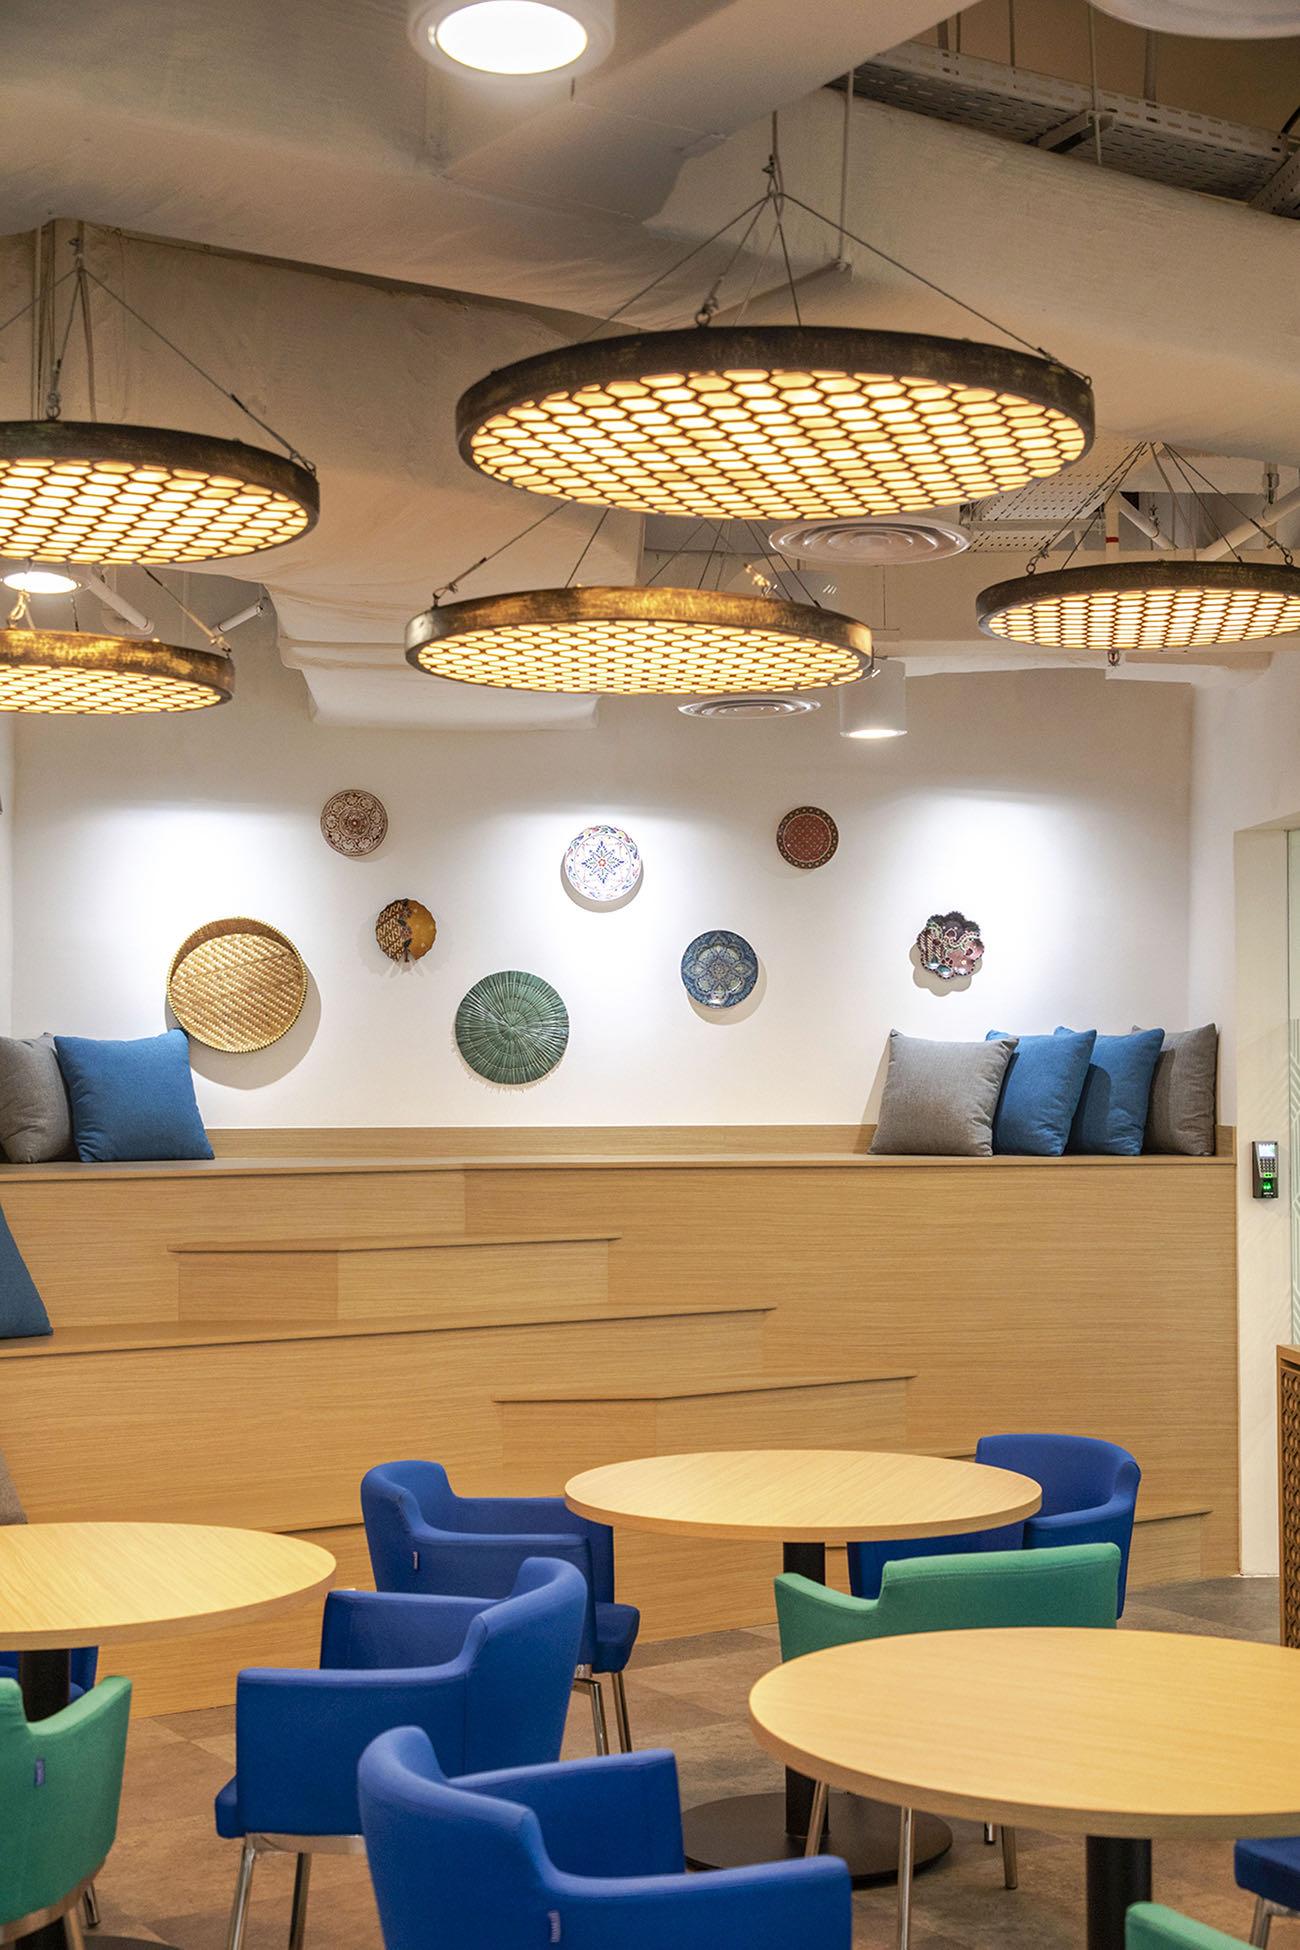 fubon-bank-jakarta-office-11